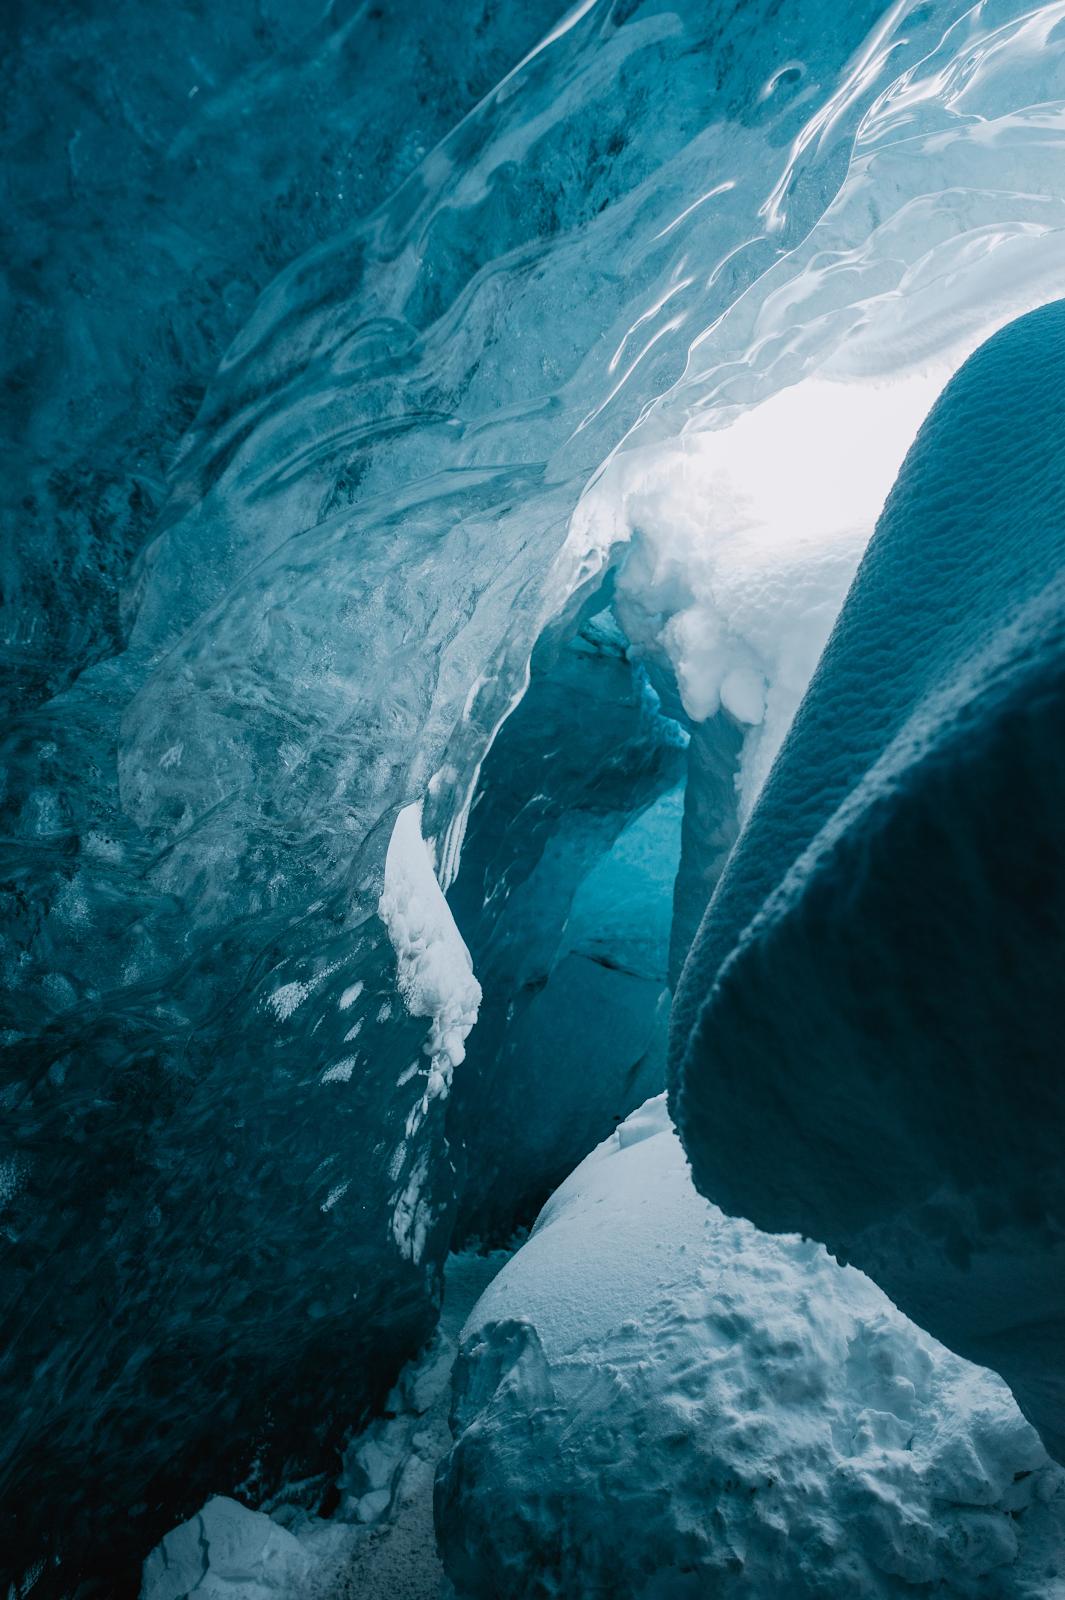 Buz (ice) kar şekilleri